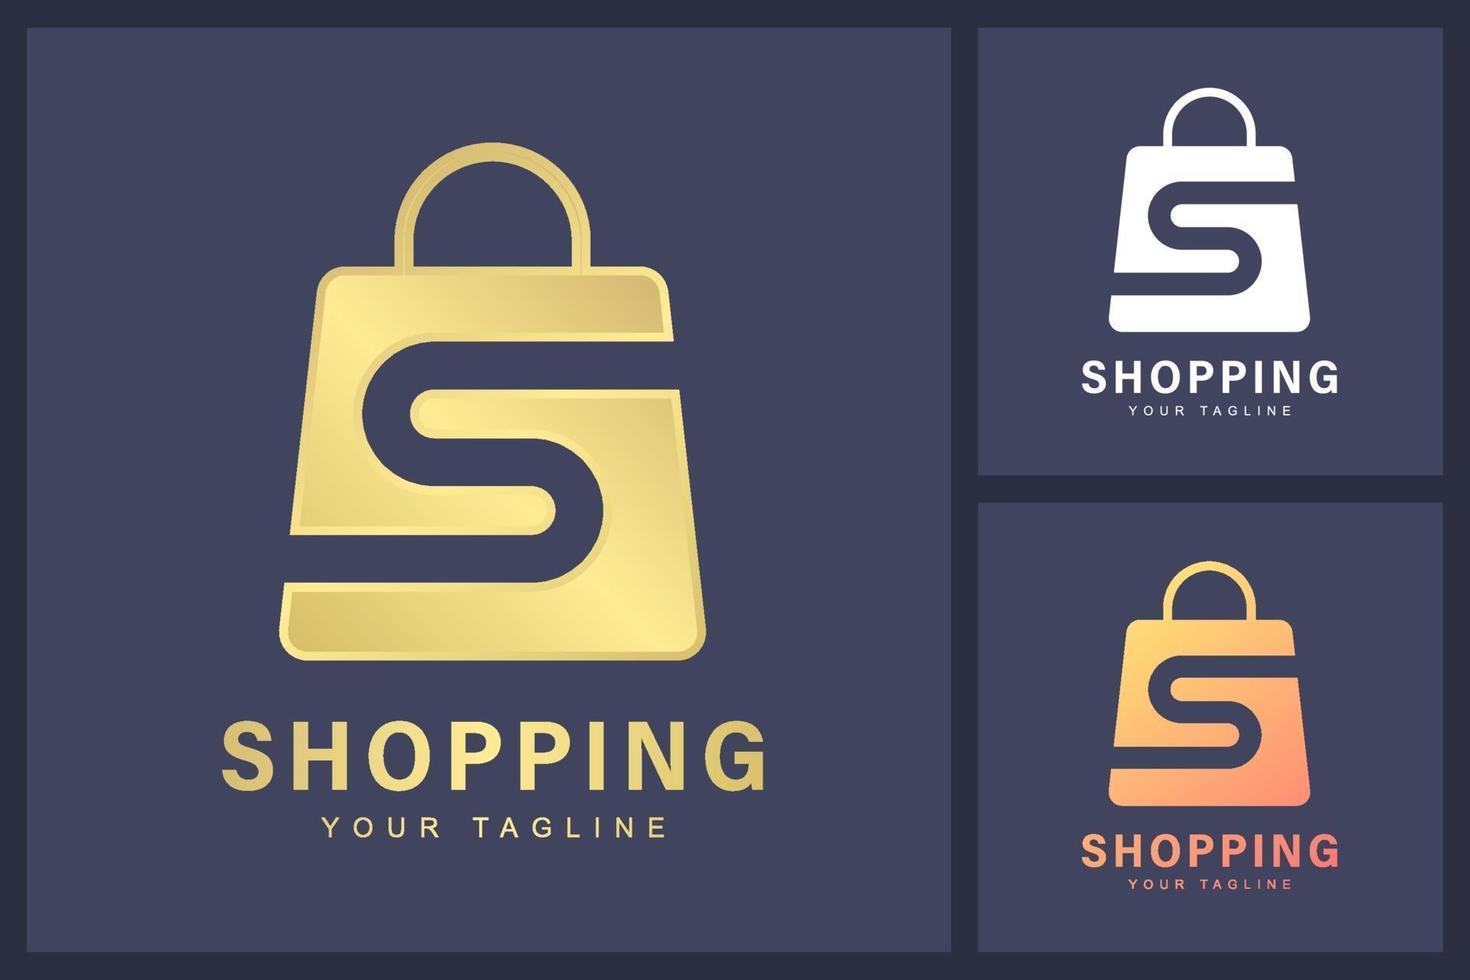 kombination av bokstäverna logotyp och shopping väska symbol. konceptet med en online shopping eller butikslogotyp vektor